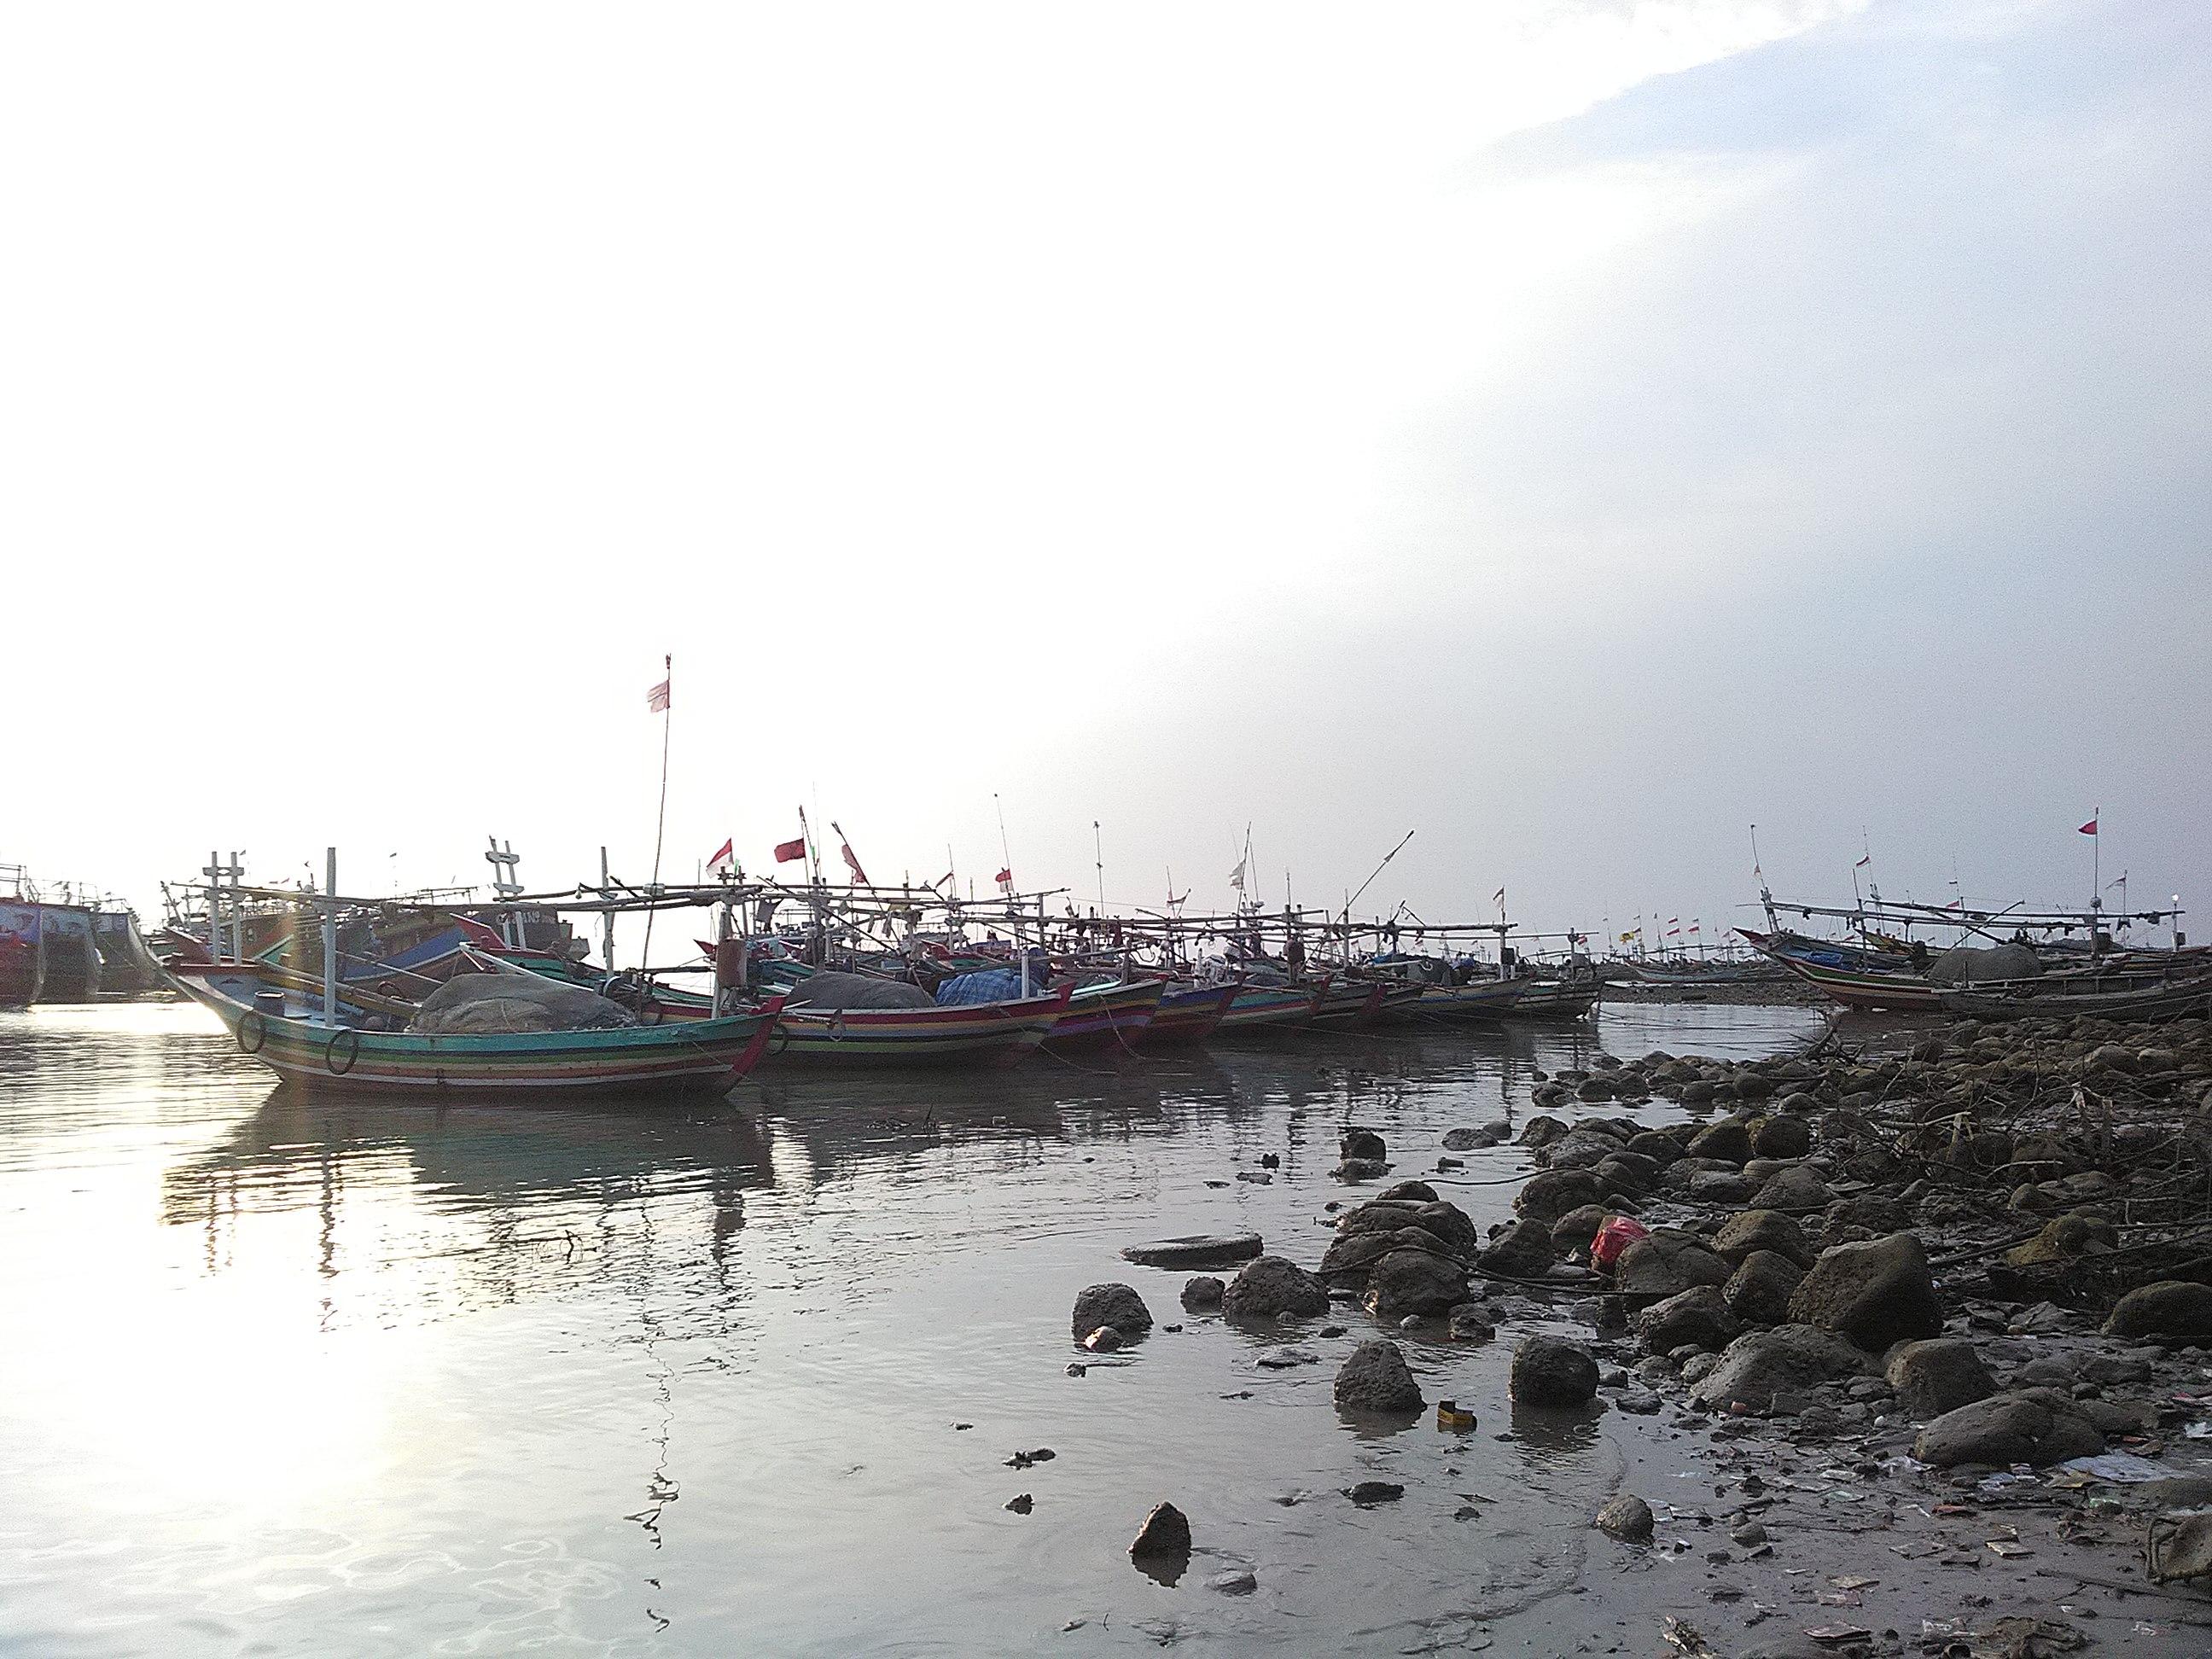 Cantiknya Laut Jawa Watu Layar Warta Rembang Komunitas Nelayan Potensi